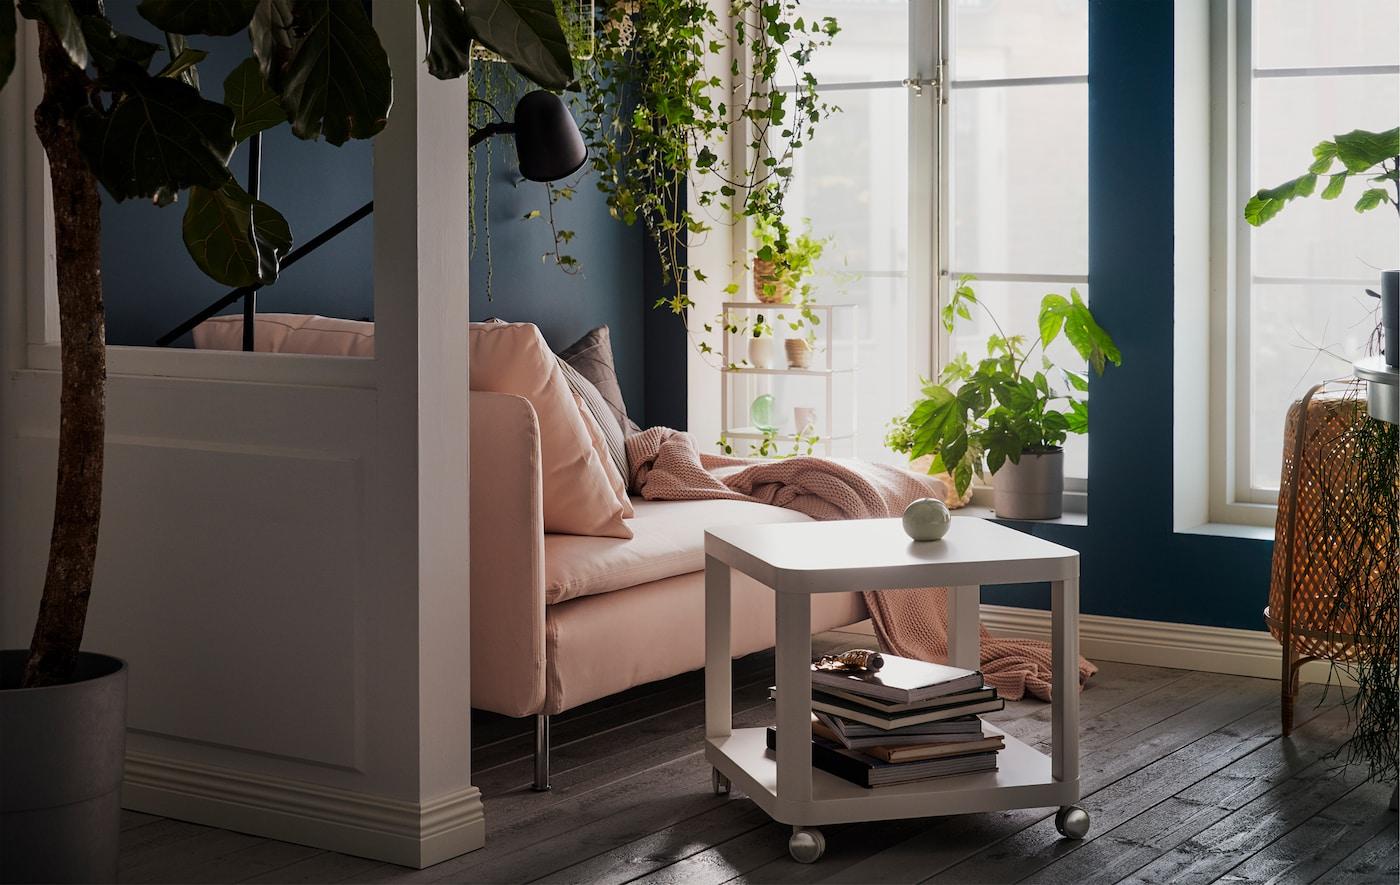 Fekvőfotel, magas, napsütötte ablakok mellett. Díszpárna, takaró és olvasólámpa. Növények a párkányon és a falipolcokon.